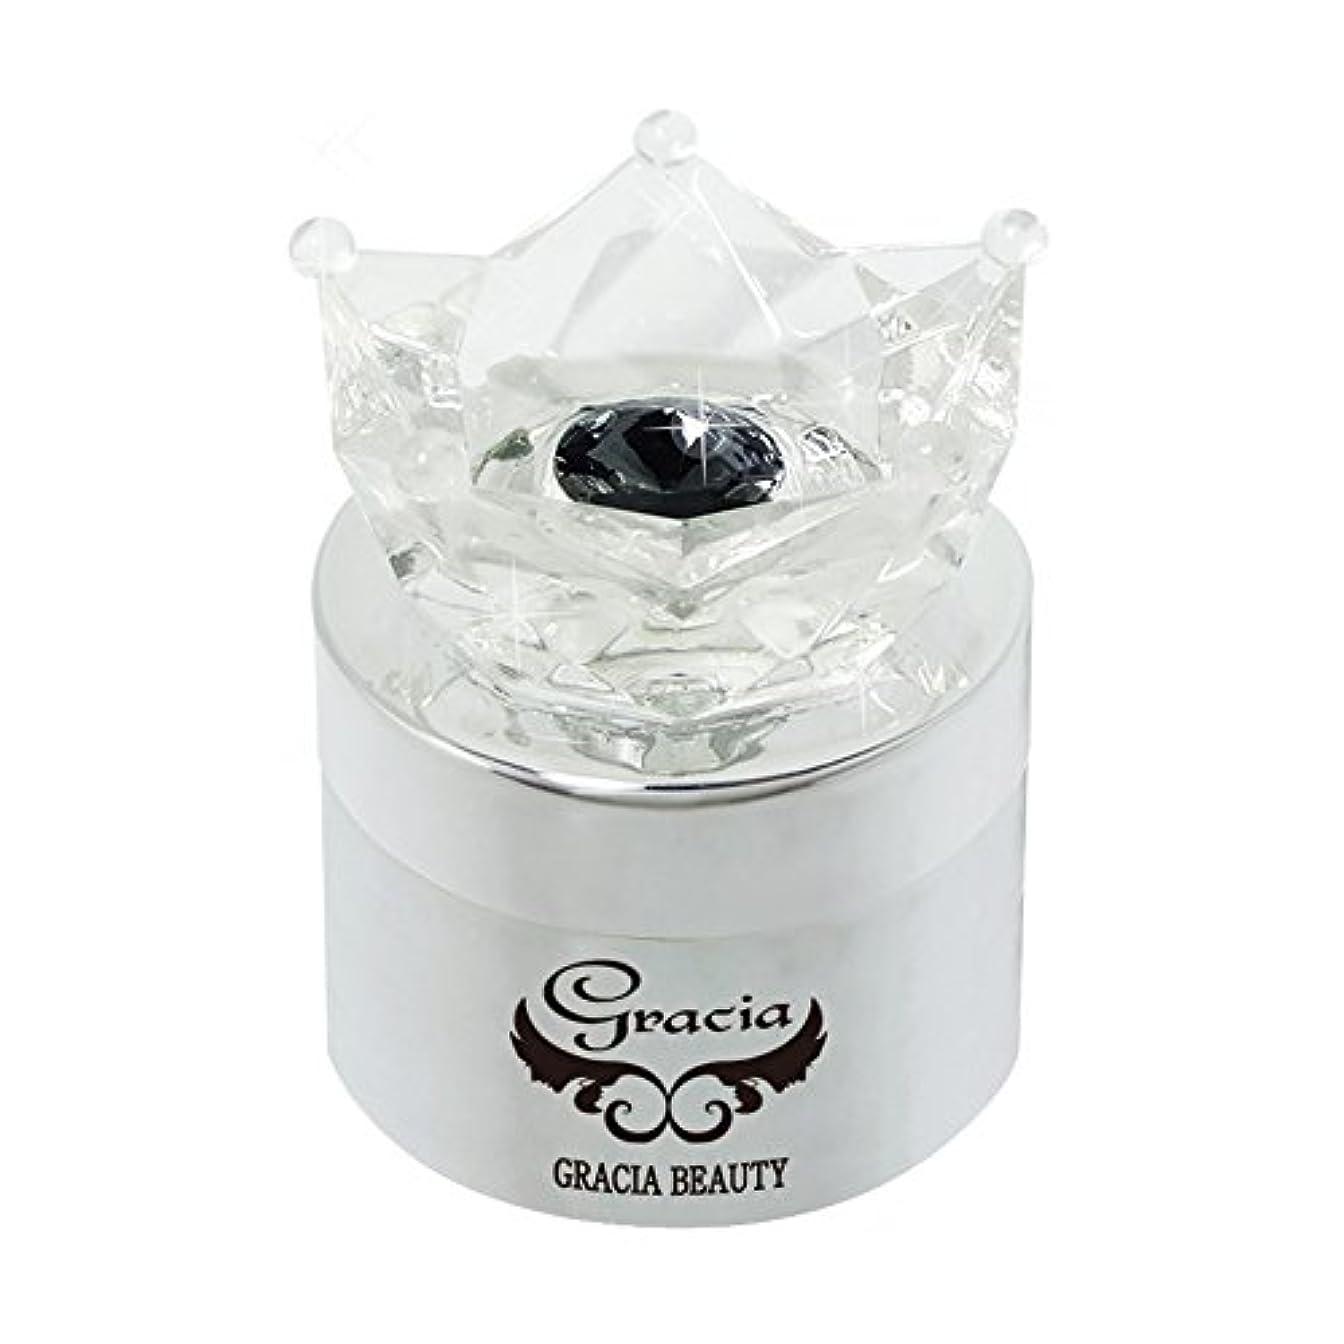 泣く繁雑審判グラシア ジェルネイル コフレットジェル GJ-001M 5g ブラック マット UV/LED対応 カラージェル ソークオフジェル